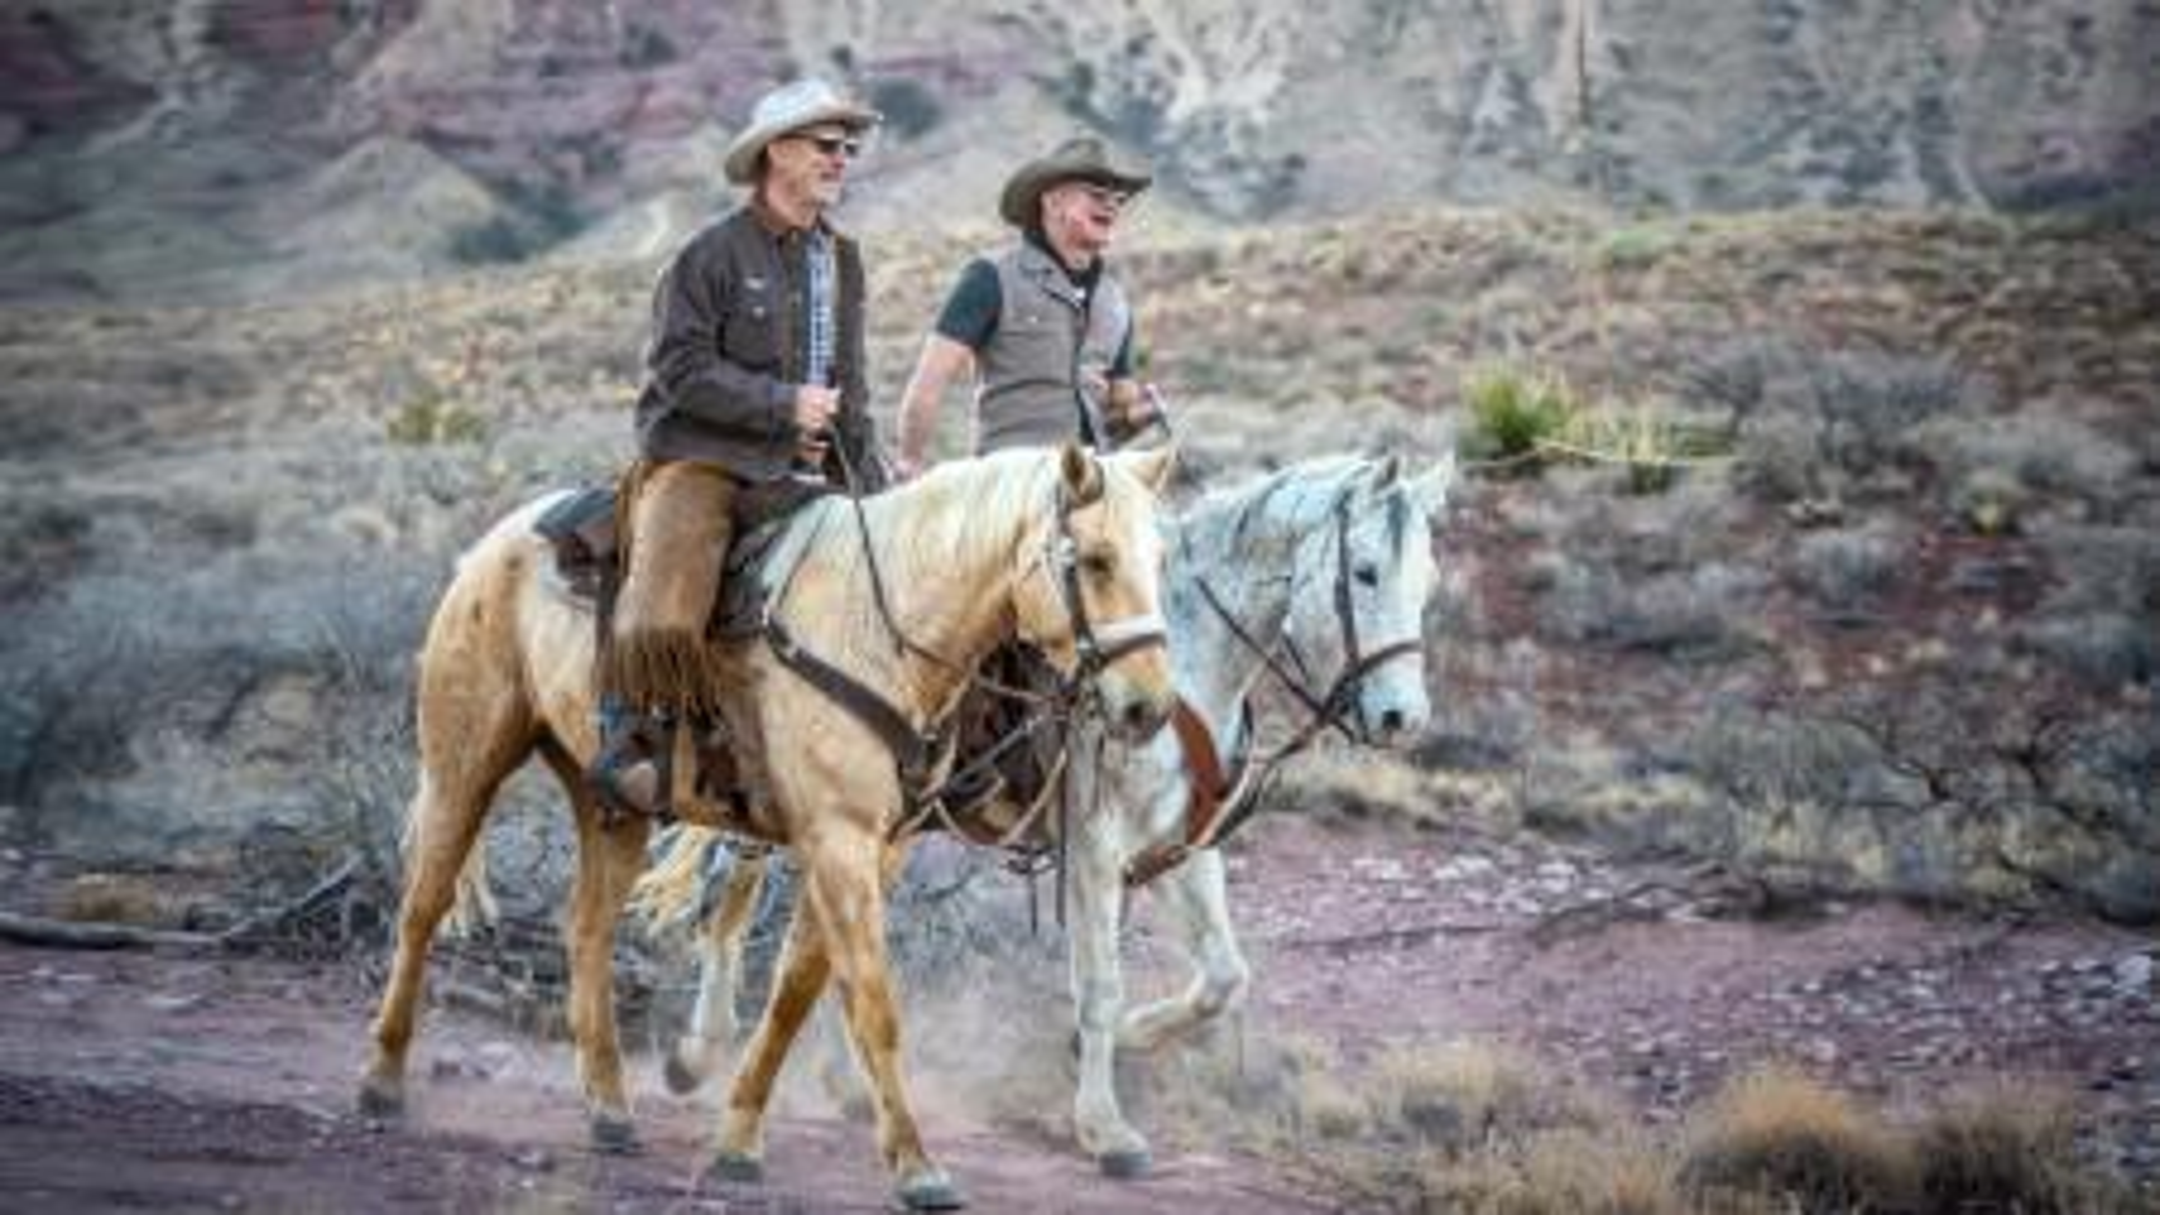 Jeff and Mark Bezos, on horseback.